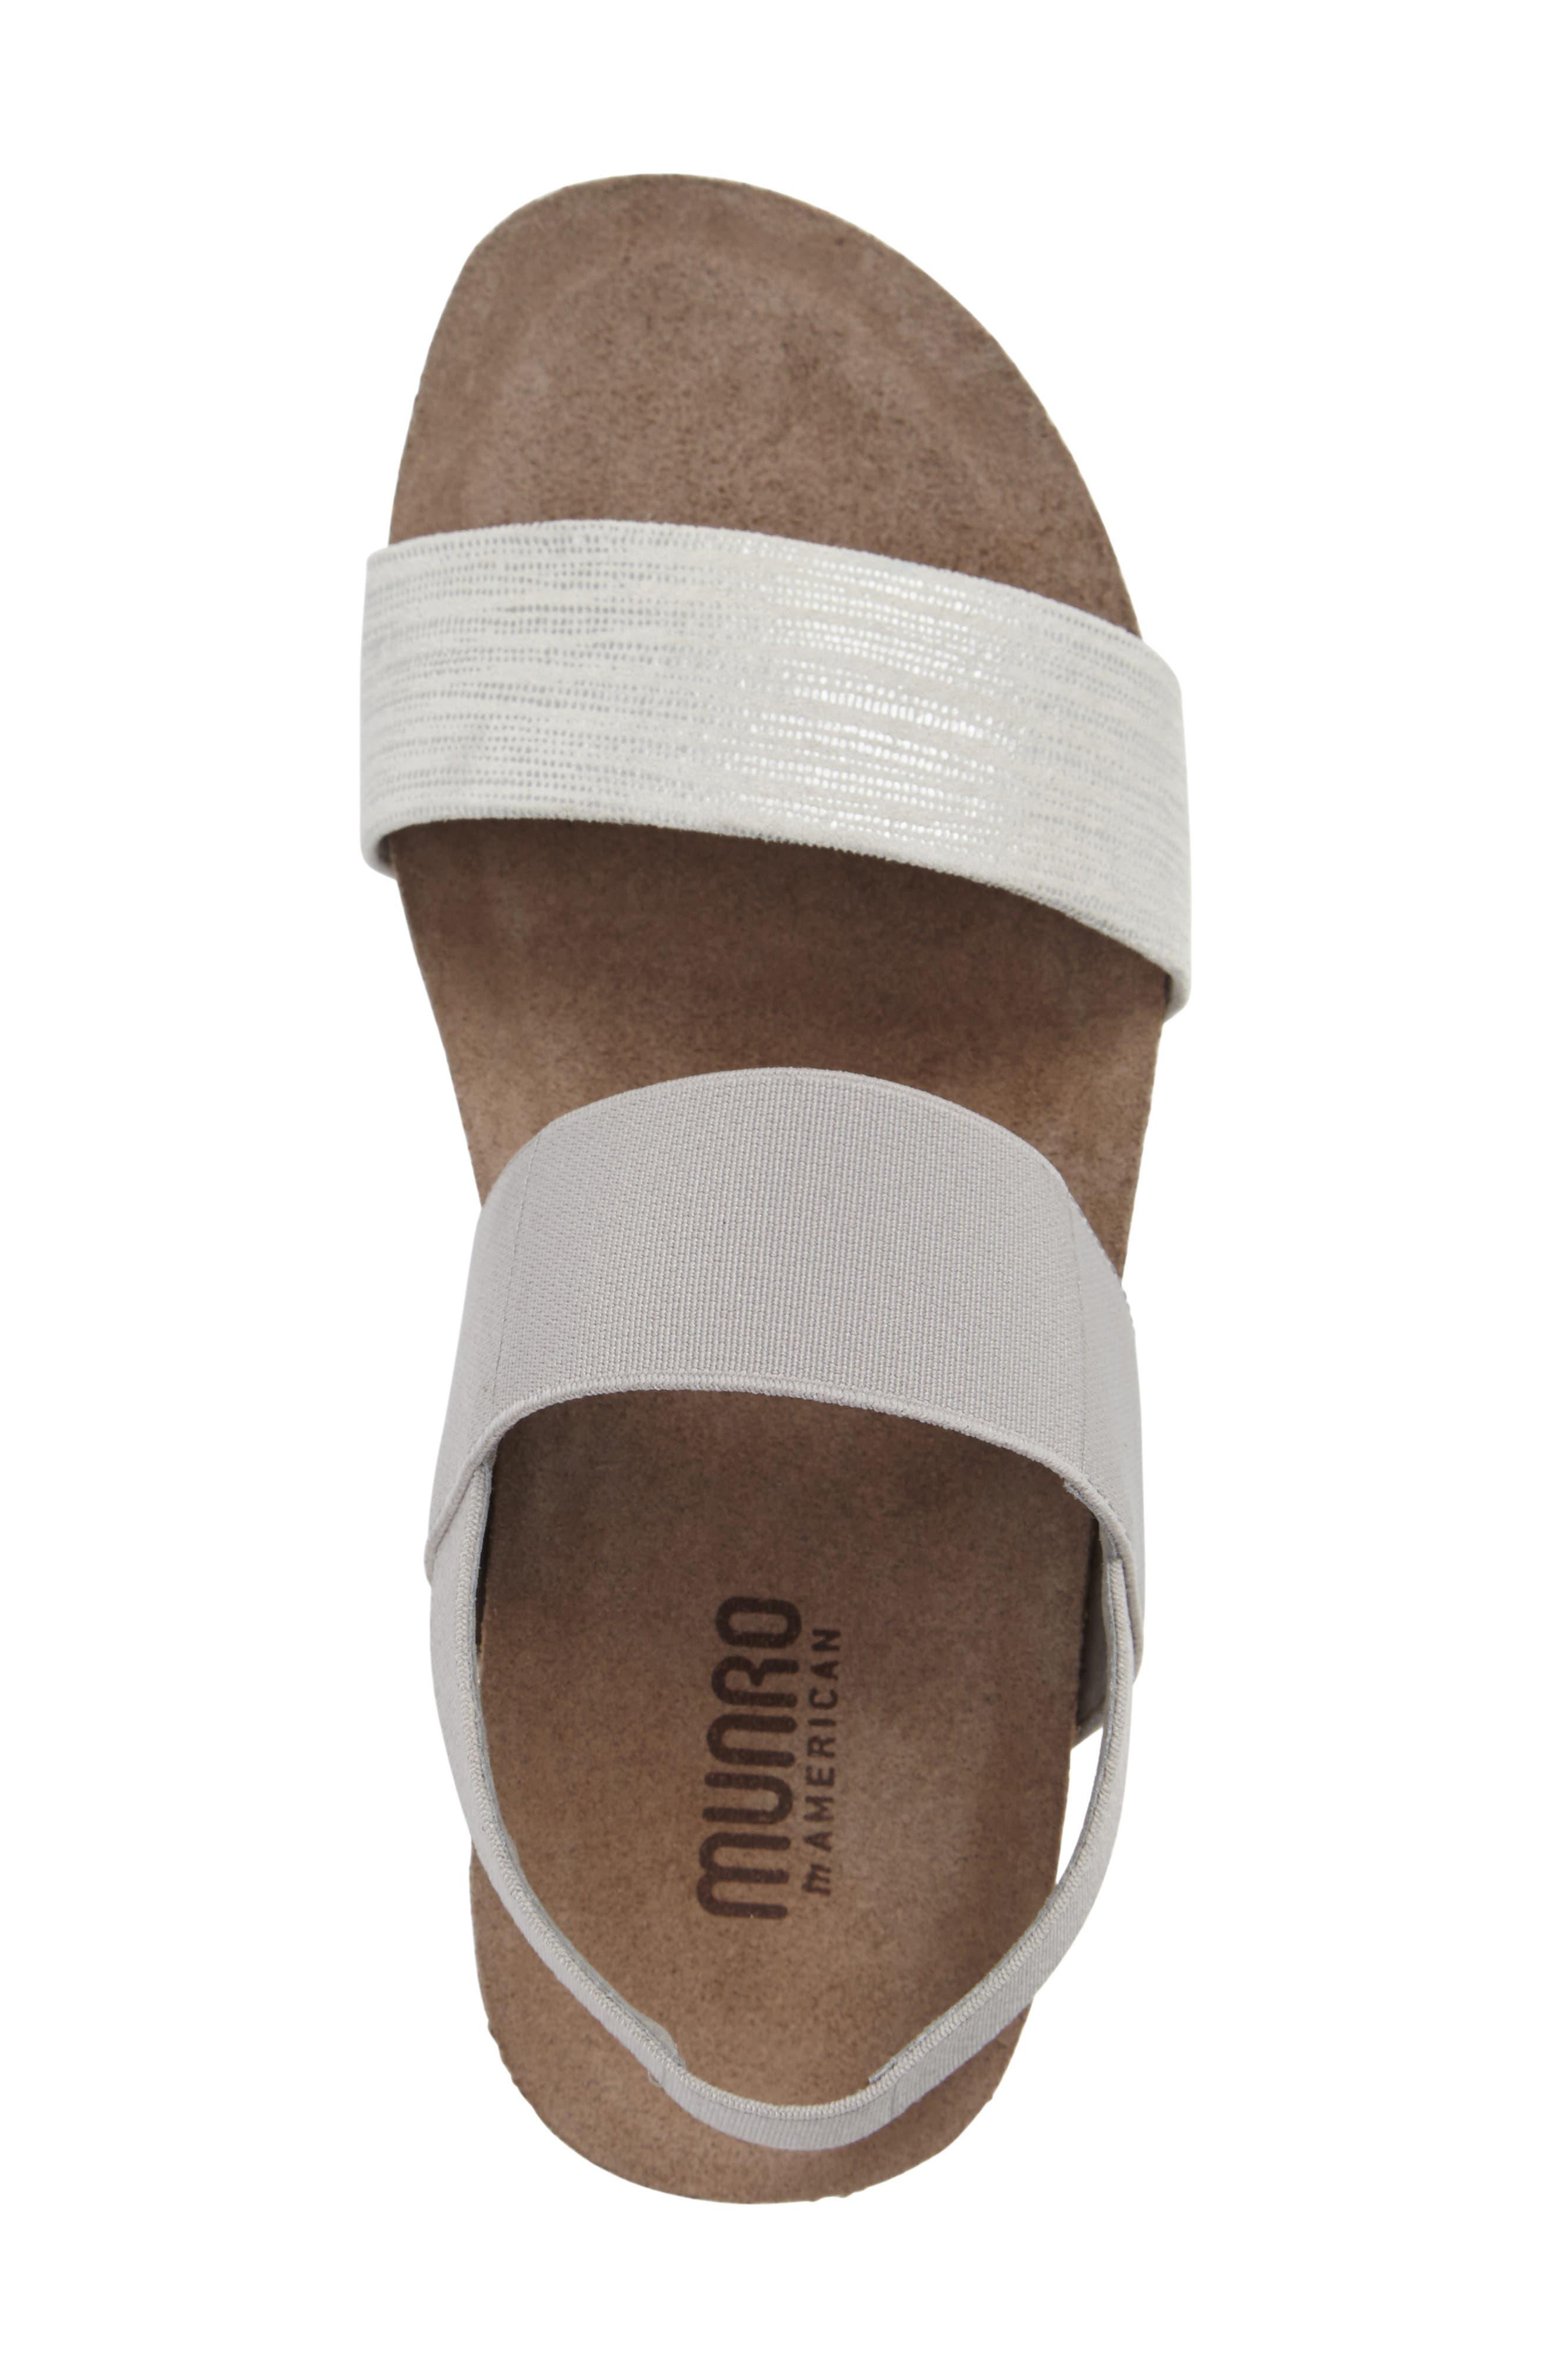 Alternate Image 3  - Munro 'Pisces' Sandal